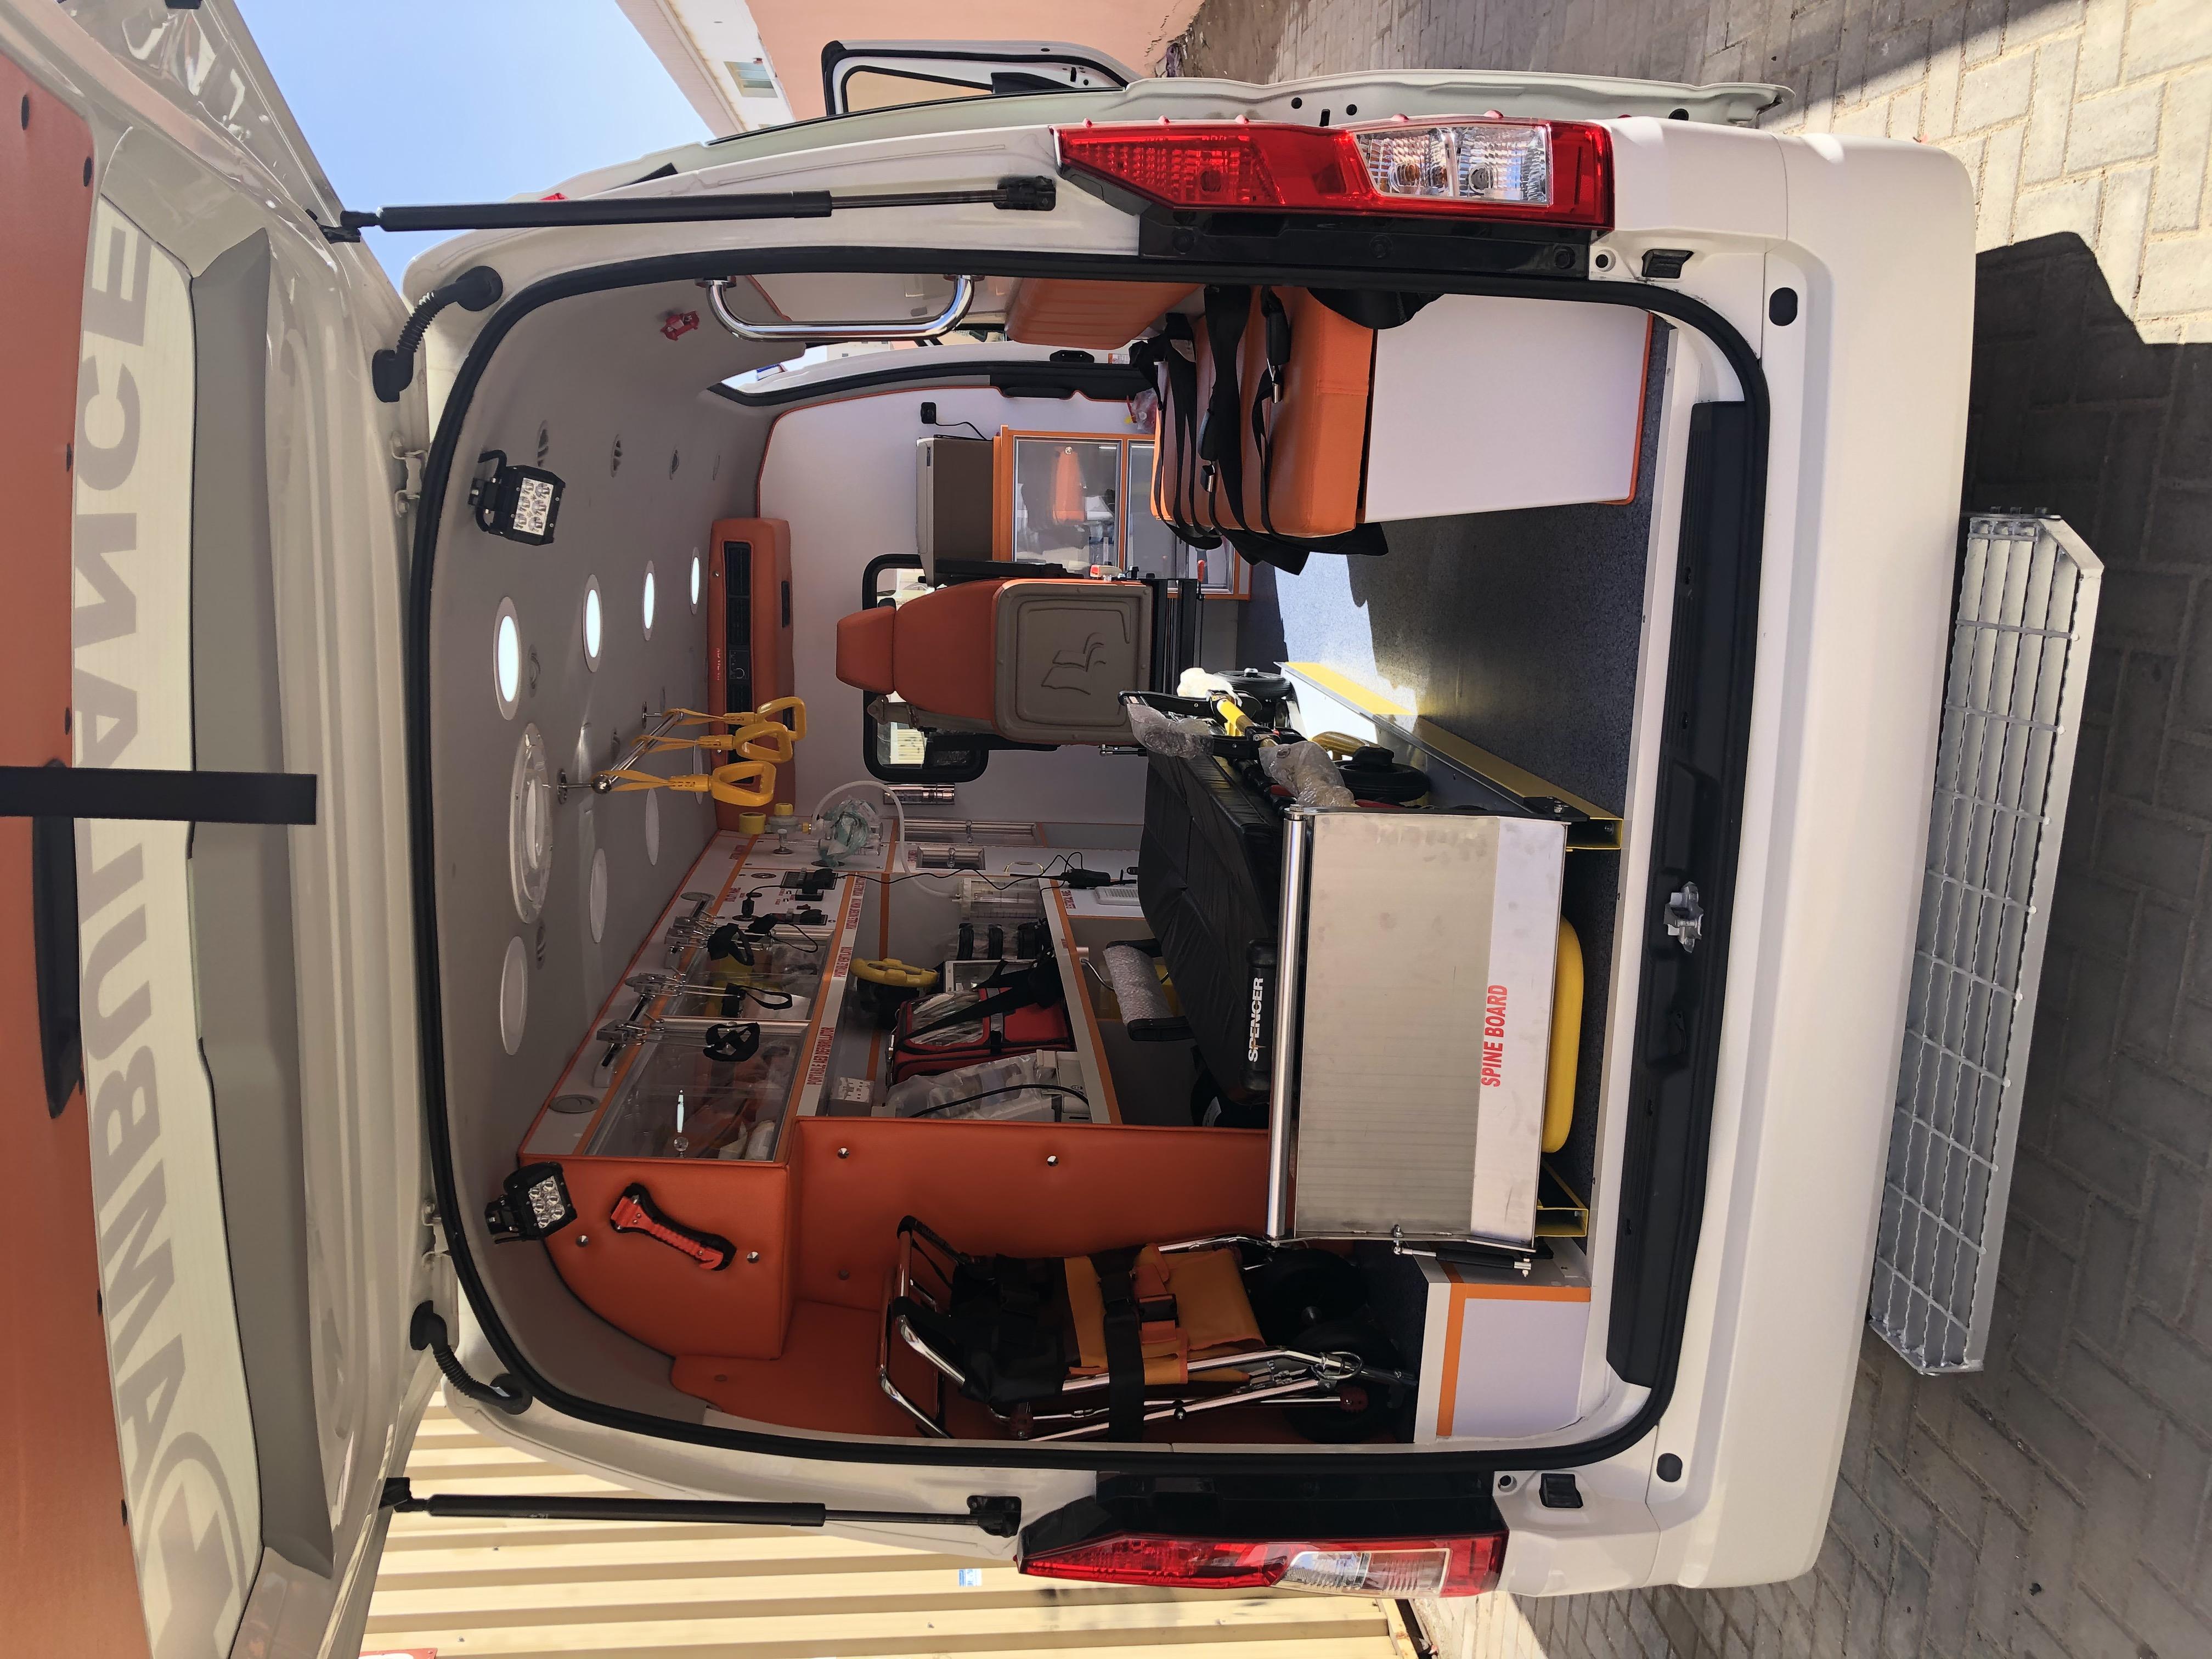 Toyota Hiace Hi Roof Ambulance Advance Life Support